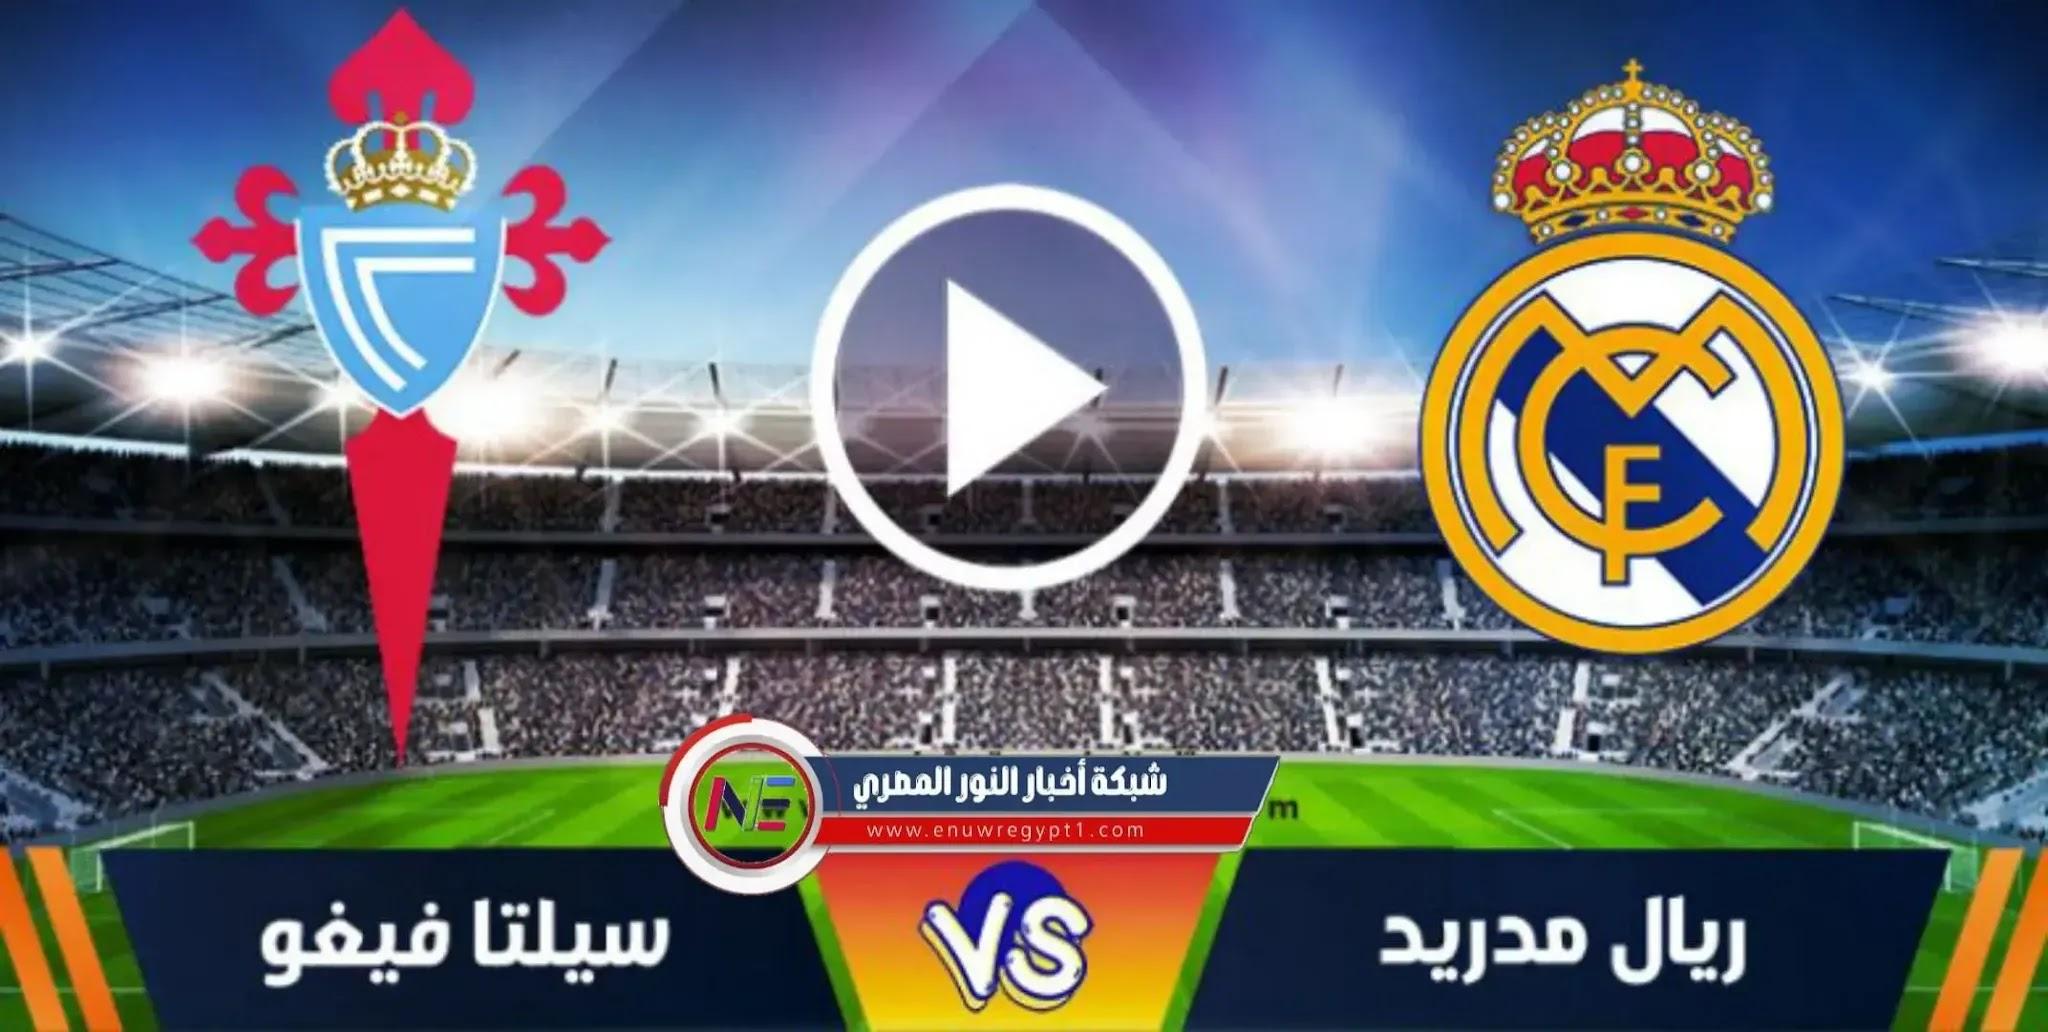 بث مباشر يلا شوت حصري يوتيوب   بث مباشر مشاهدة مباراة ريال مدريد و سيلتا فيجو بتاريخ 12-09-2021 في الدورى الاسباني لايف بجودة عالية